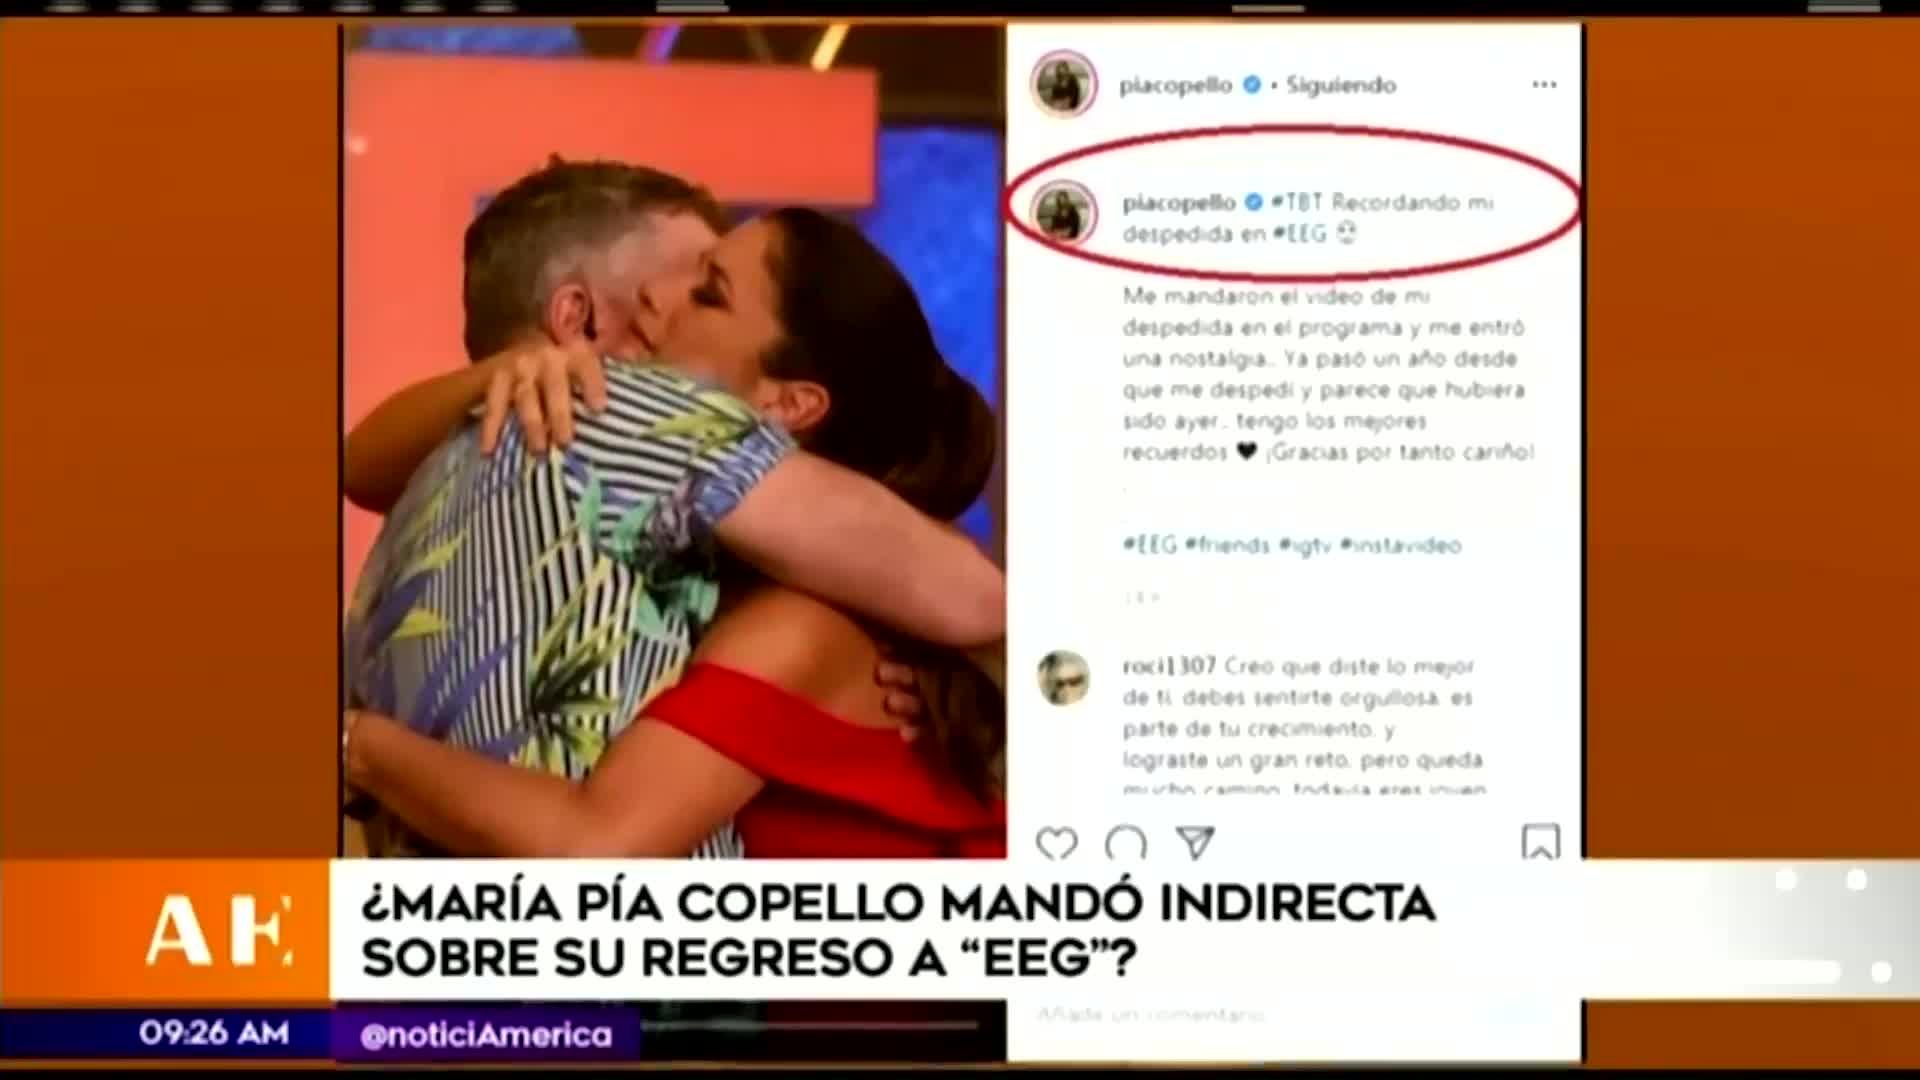 EEG: ¿María Pía Copello envía indirecta sobre su regreso?